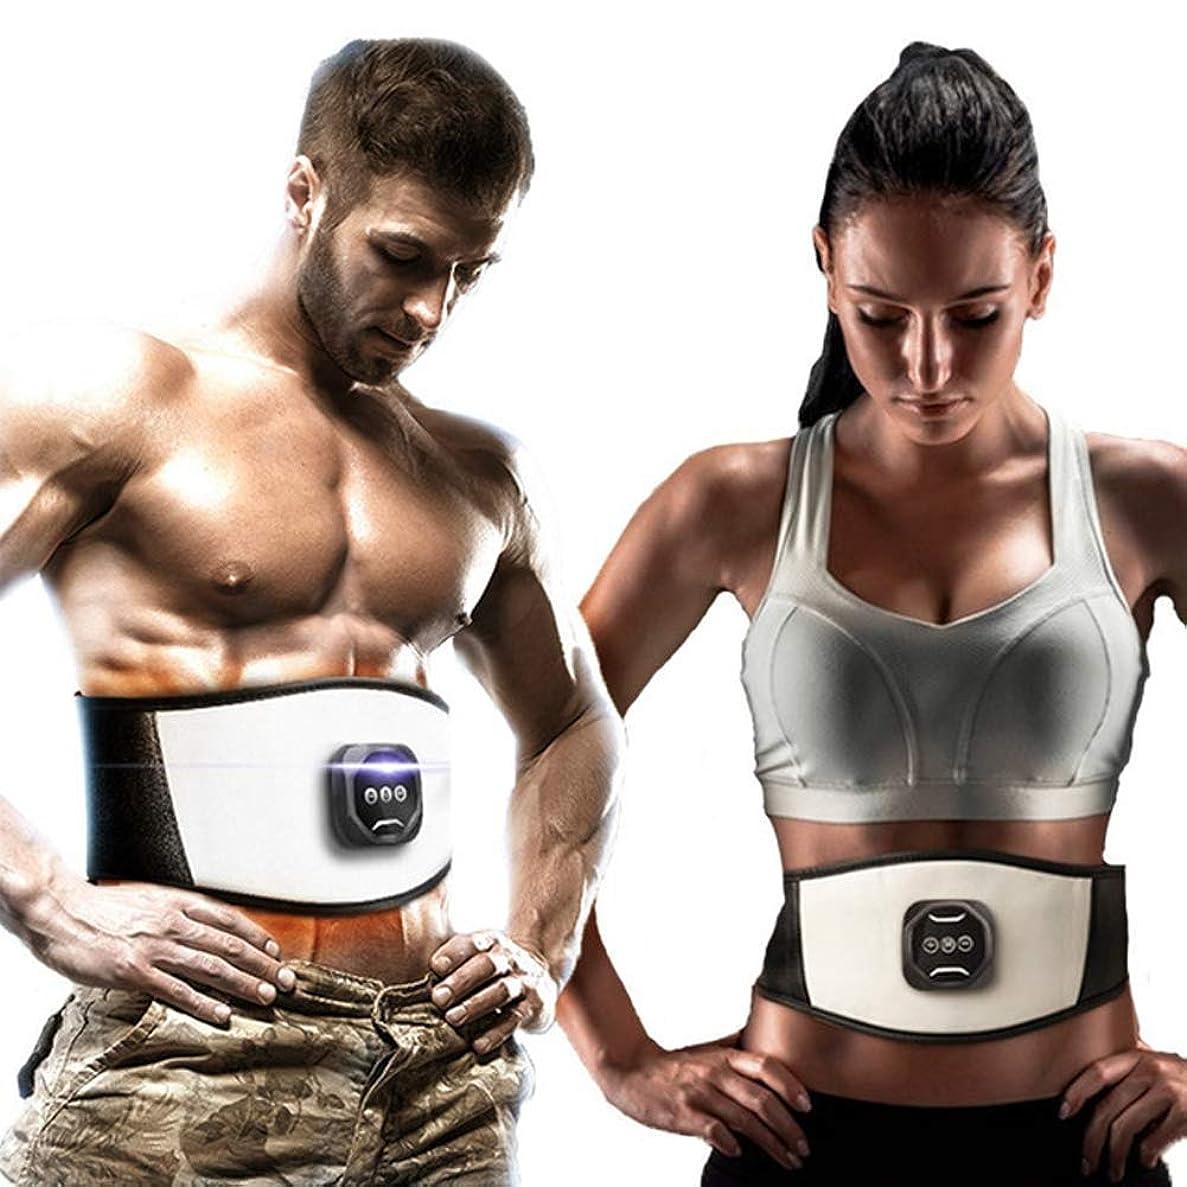 メカニック宣伝隙間Ems電気減量機器筋肉トレーニングフィットネス機器減量美容ウエスト整形マッサージベルト,白